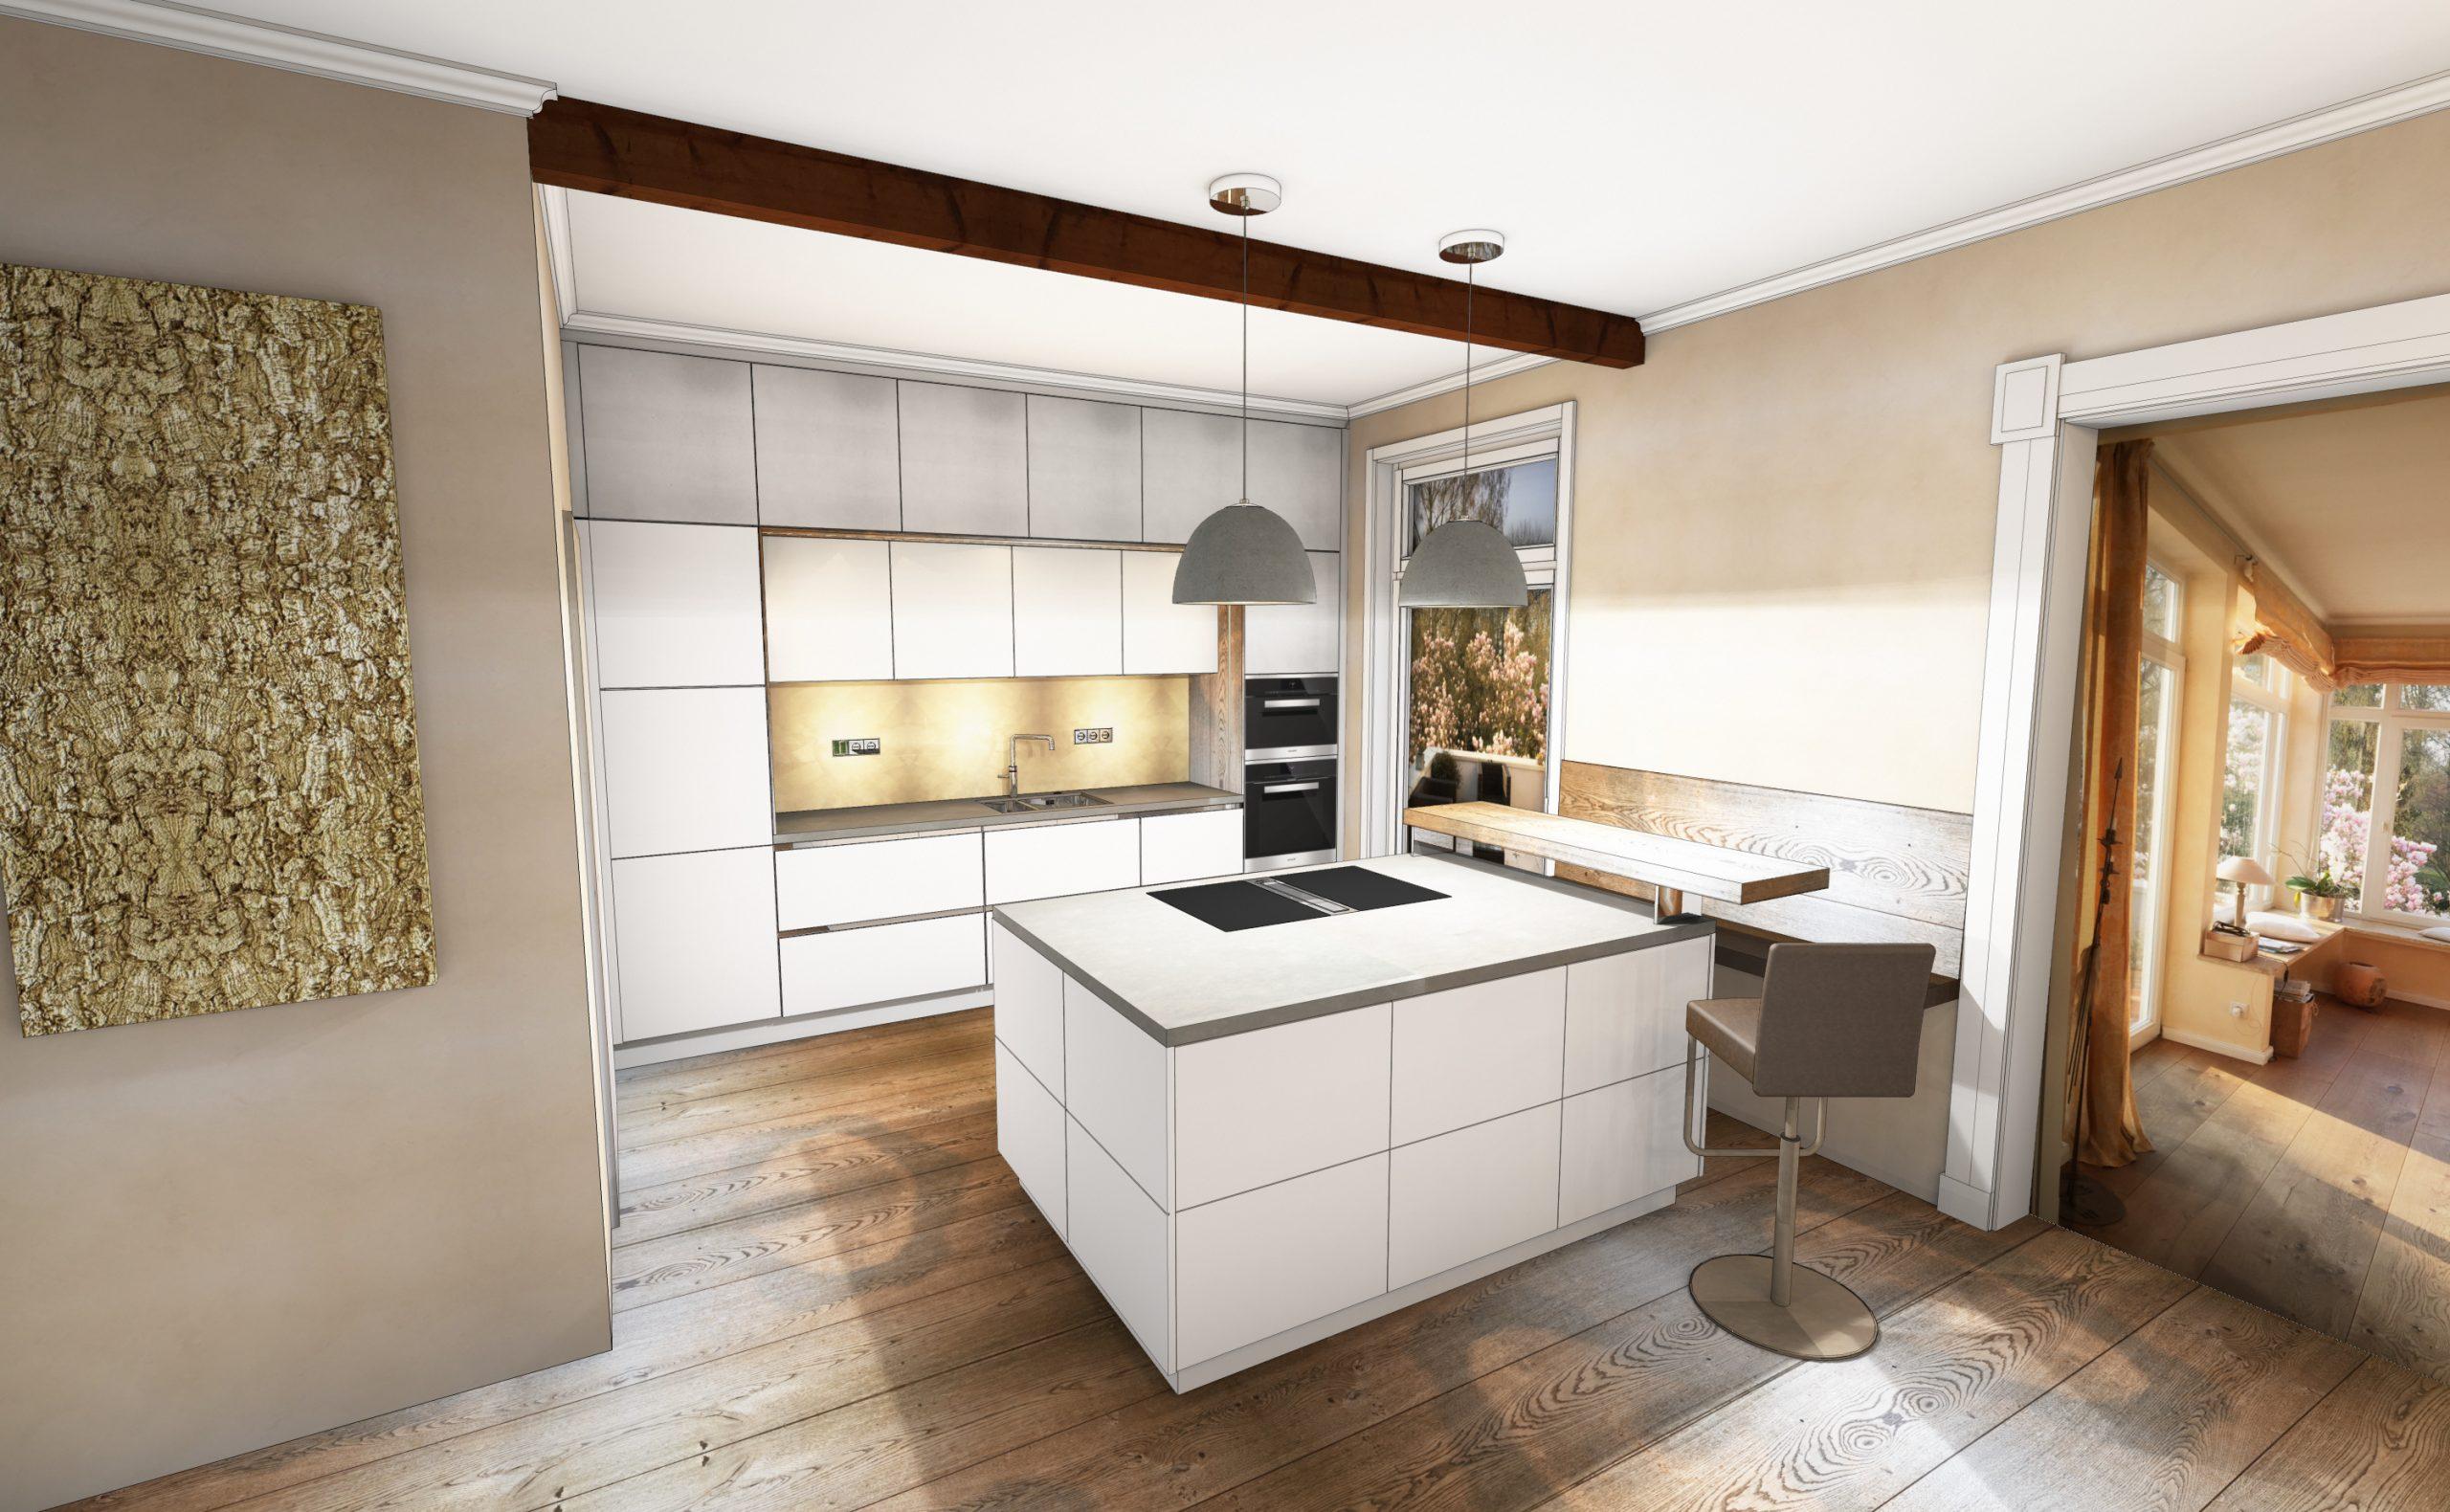 Full Size of Kleine Schmale Küche Einrichten Schöner Wohnen Küche Einrichten Kleine Küche Einrichten Gofeminin Dunkle Küche Einrichten Küche Küche Einrichten